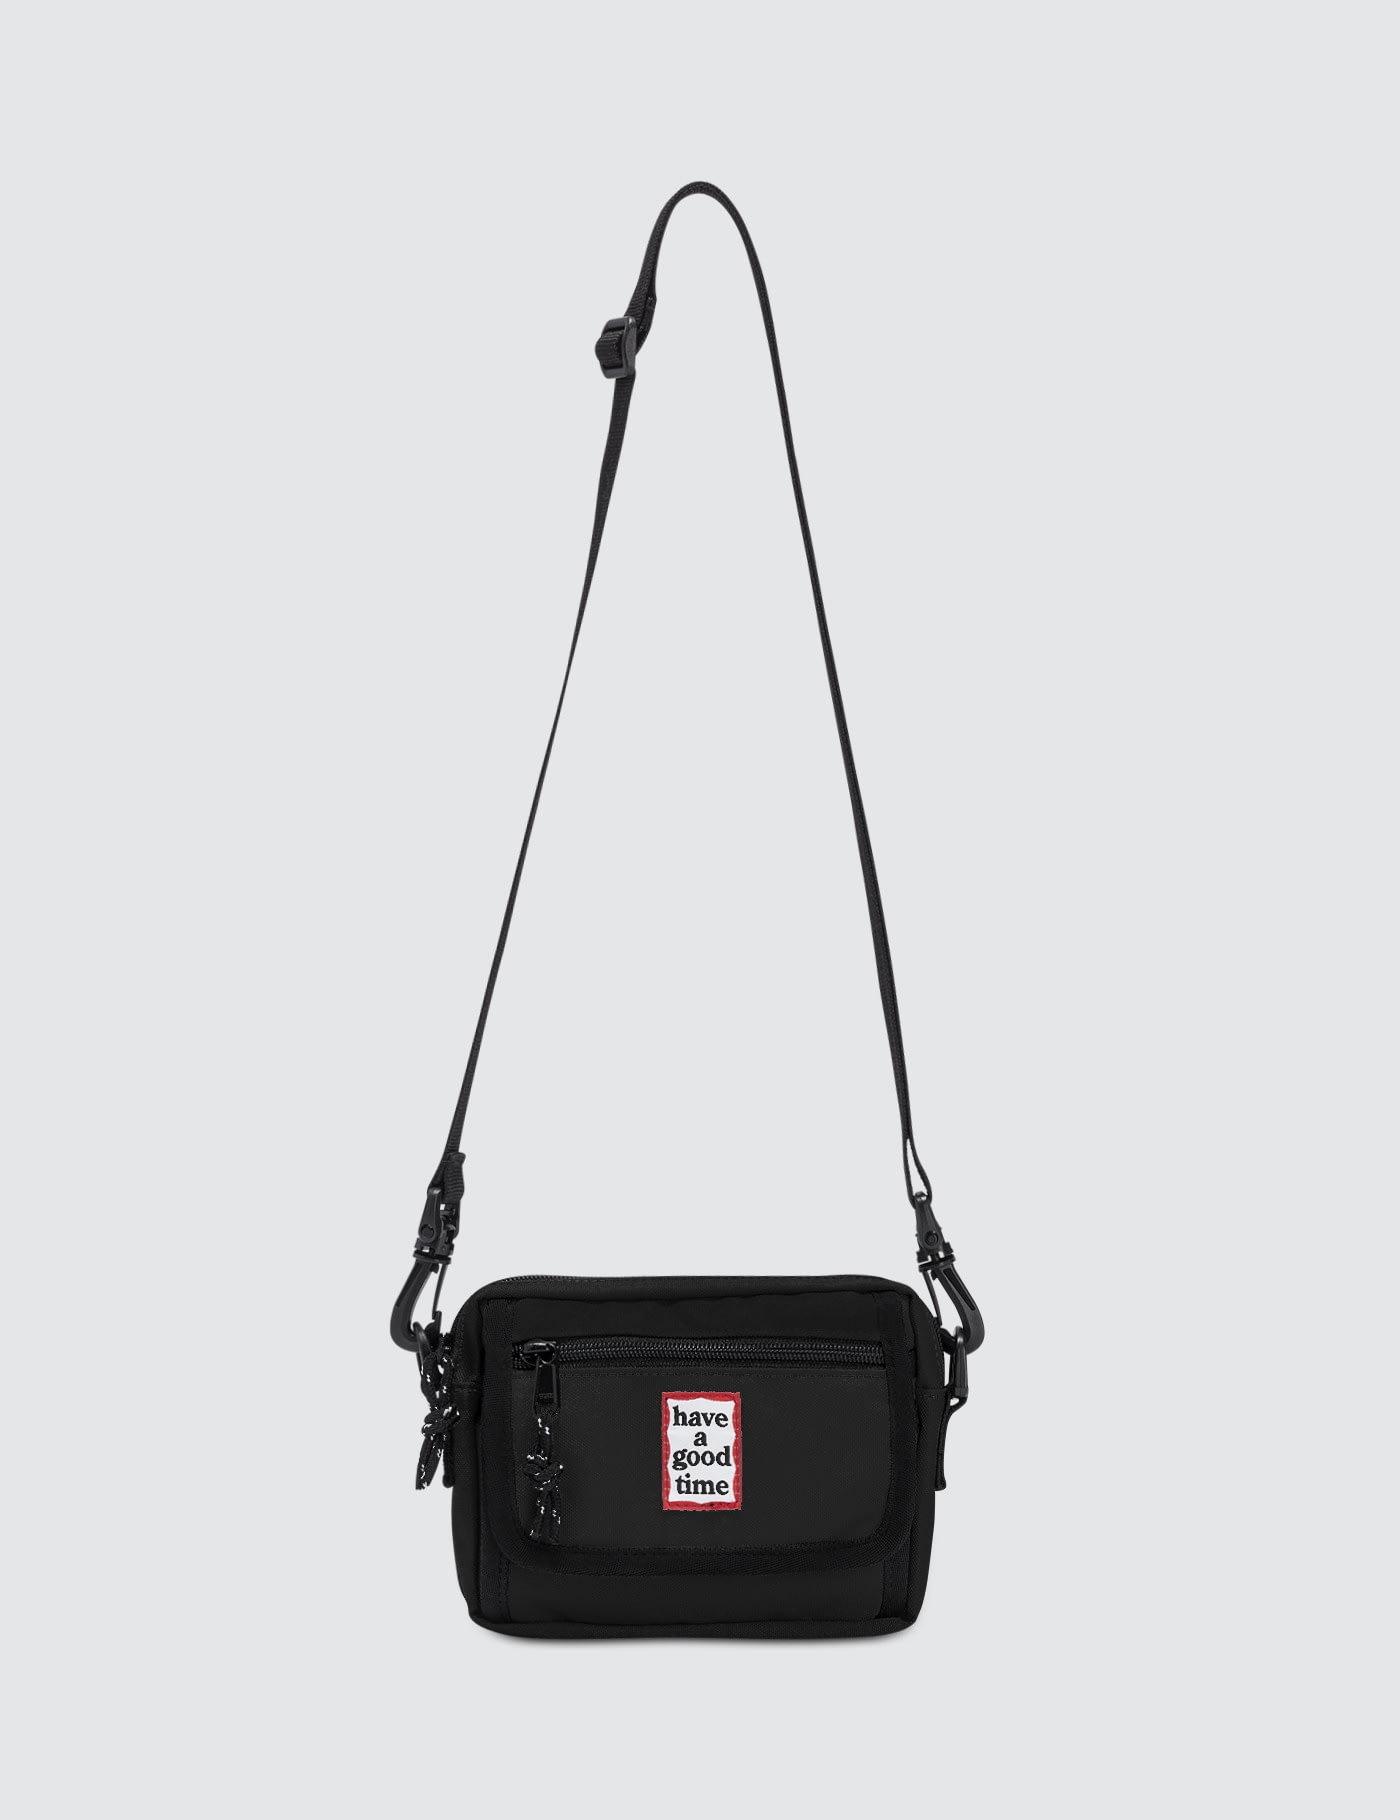 ... sold worldwide 270c9 93855 Buy Original have a good time Frame Shoulder  Bag at Indonesi ... e9fe5a7a6b